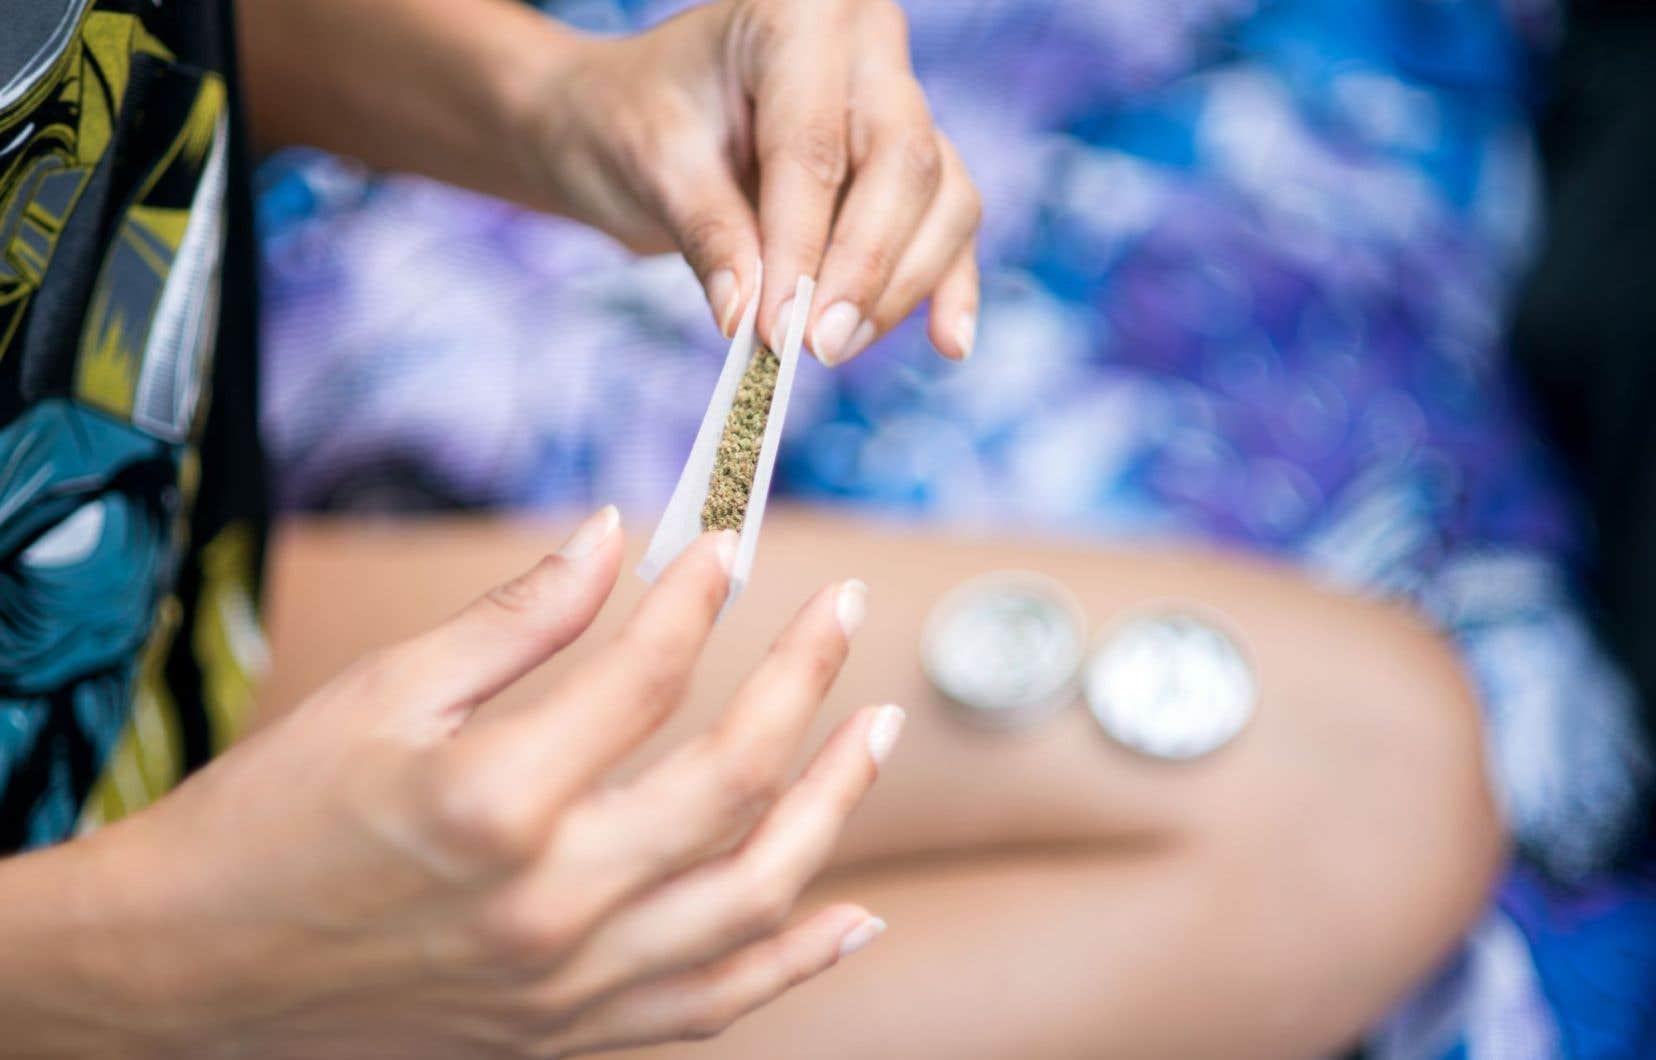 Si hausse du tourisme il y a avec la légalisation du cannabis, elle ne sera que temporaire.